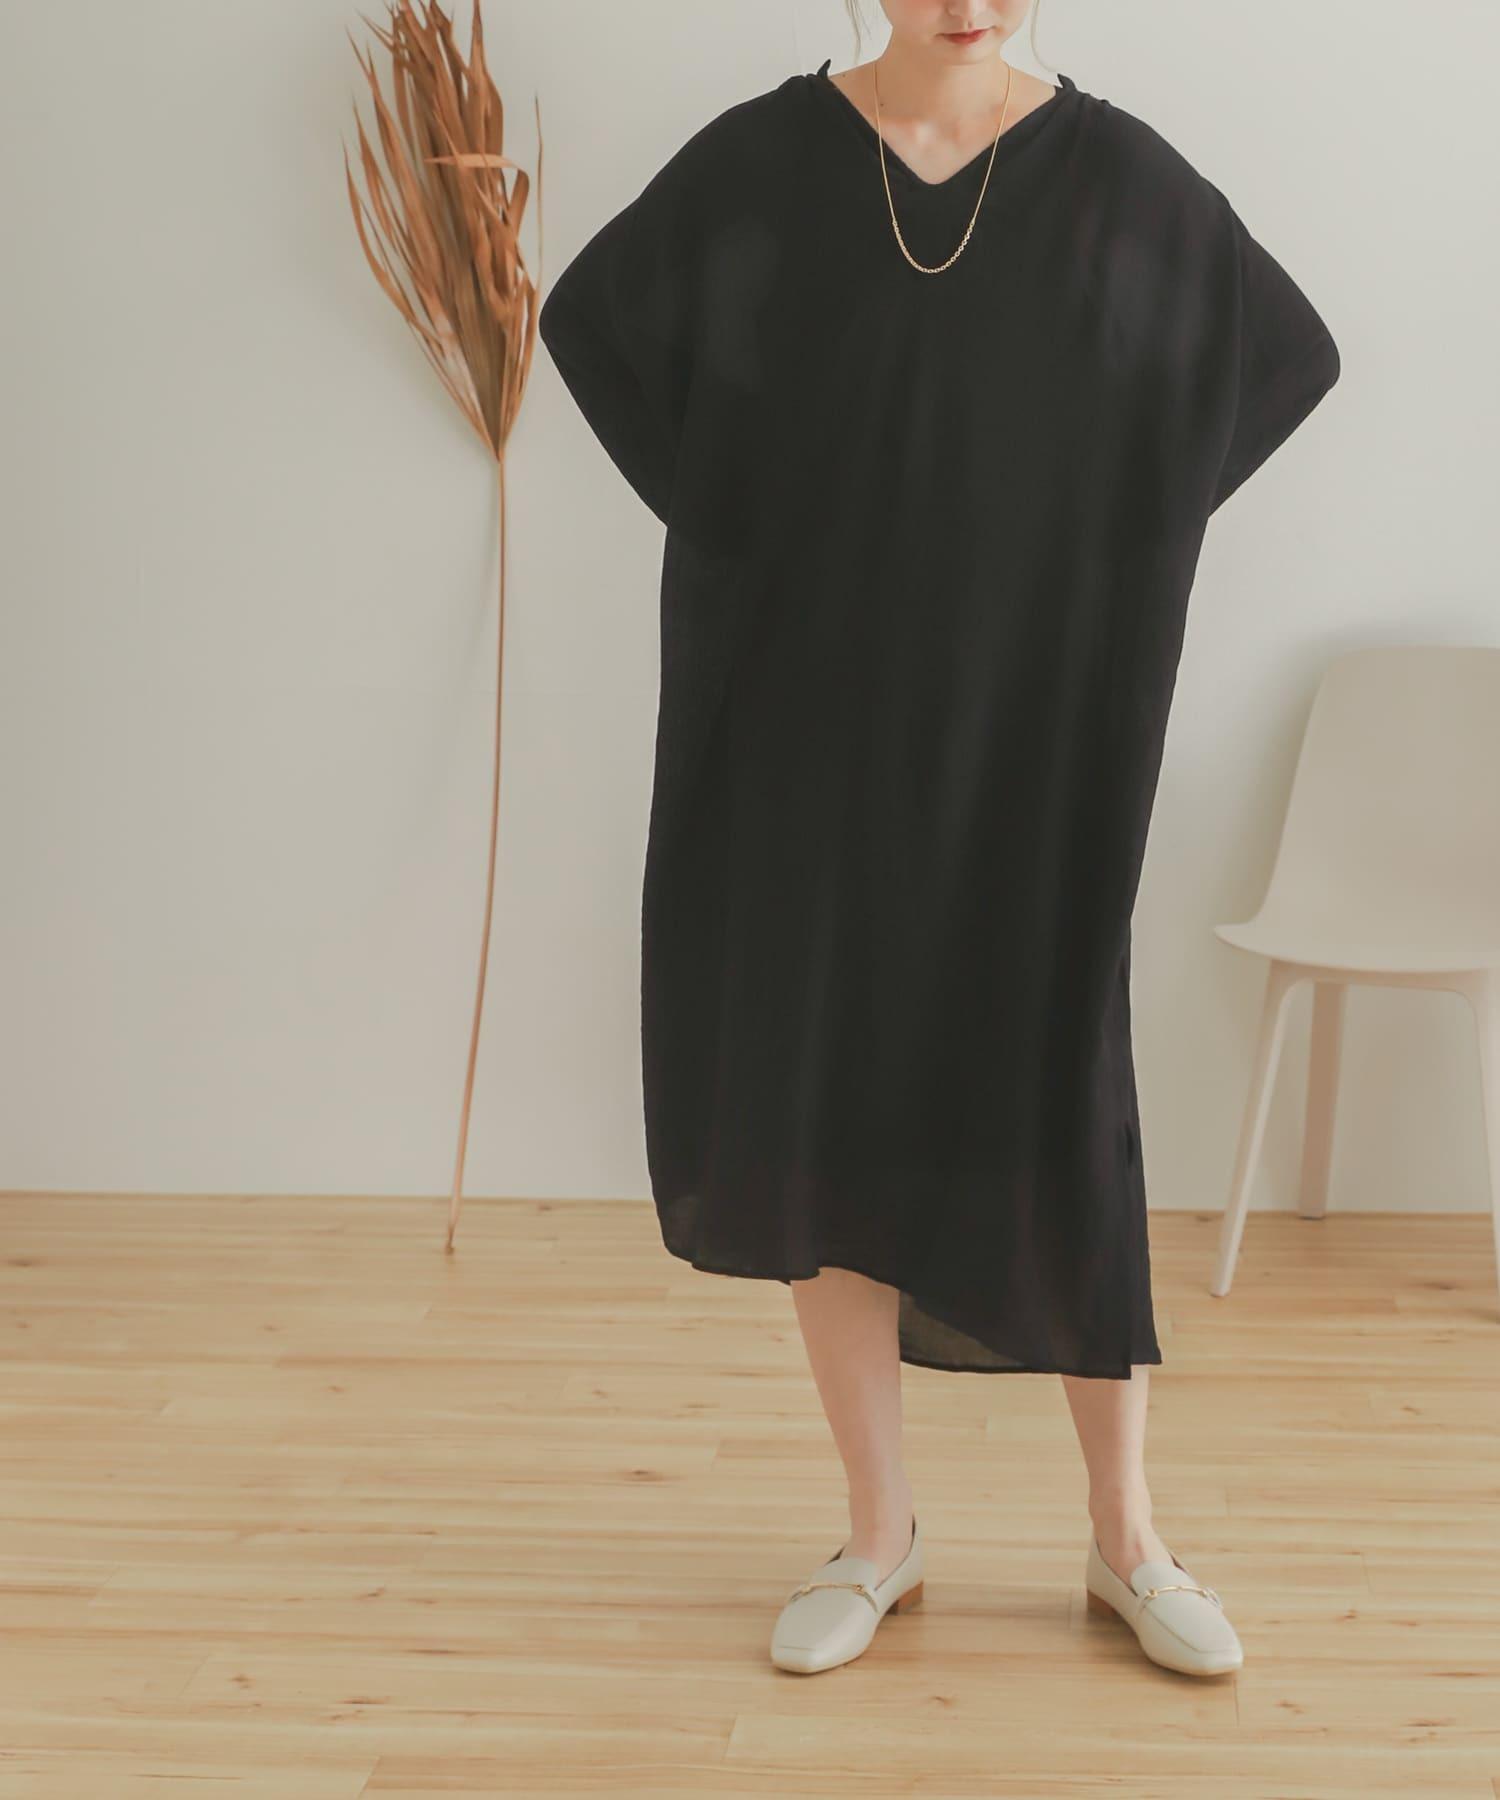 楊柳紗卡夫坦剪裁洋裝